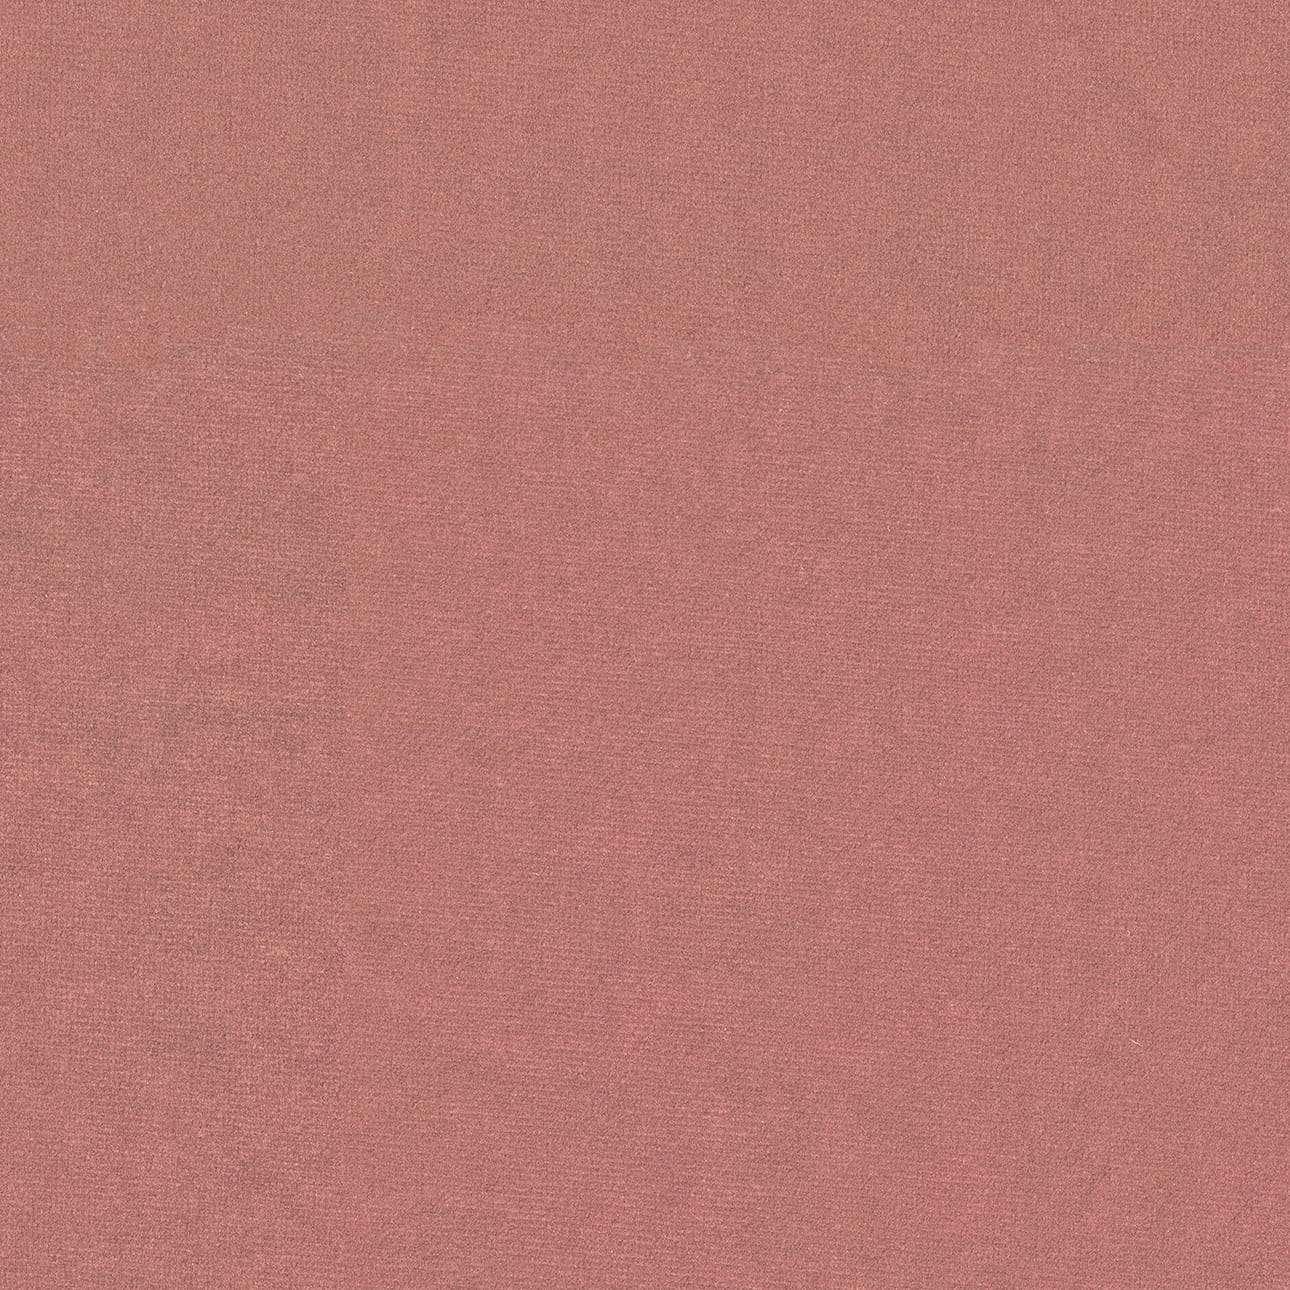 Buchstabenkissen I von der Kollektion Posh Velvet, Stoff: 704-30